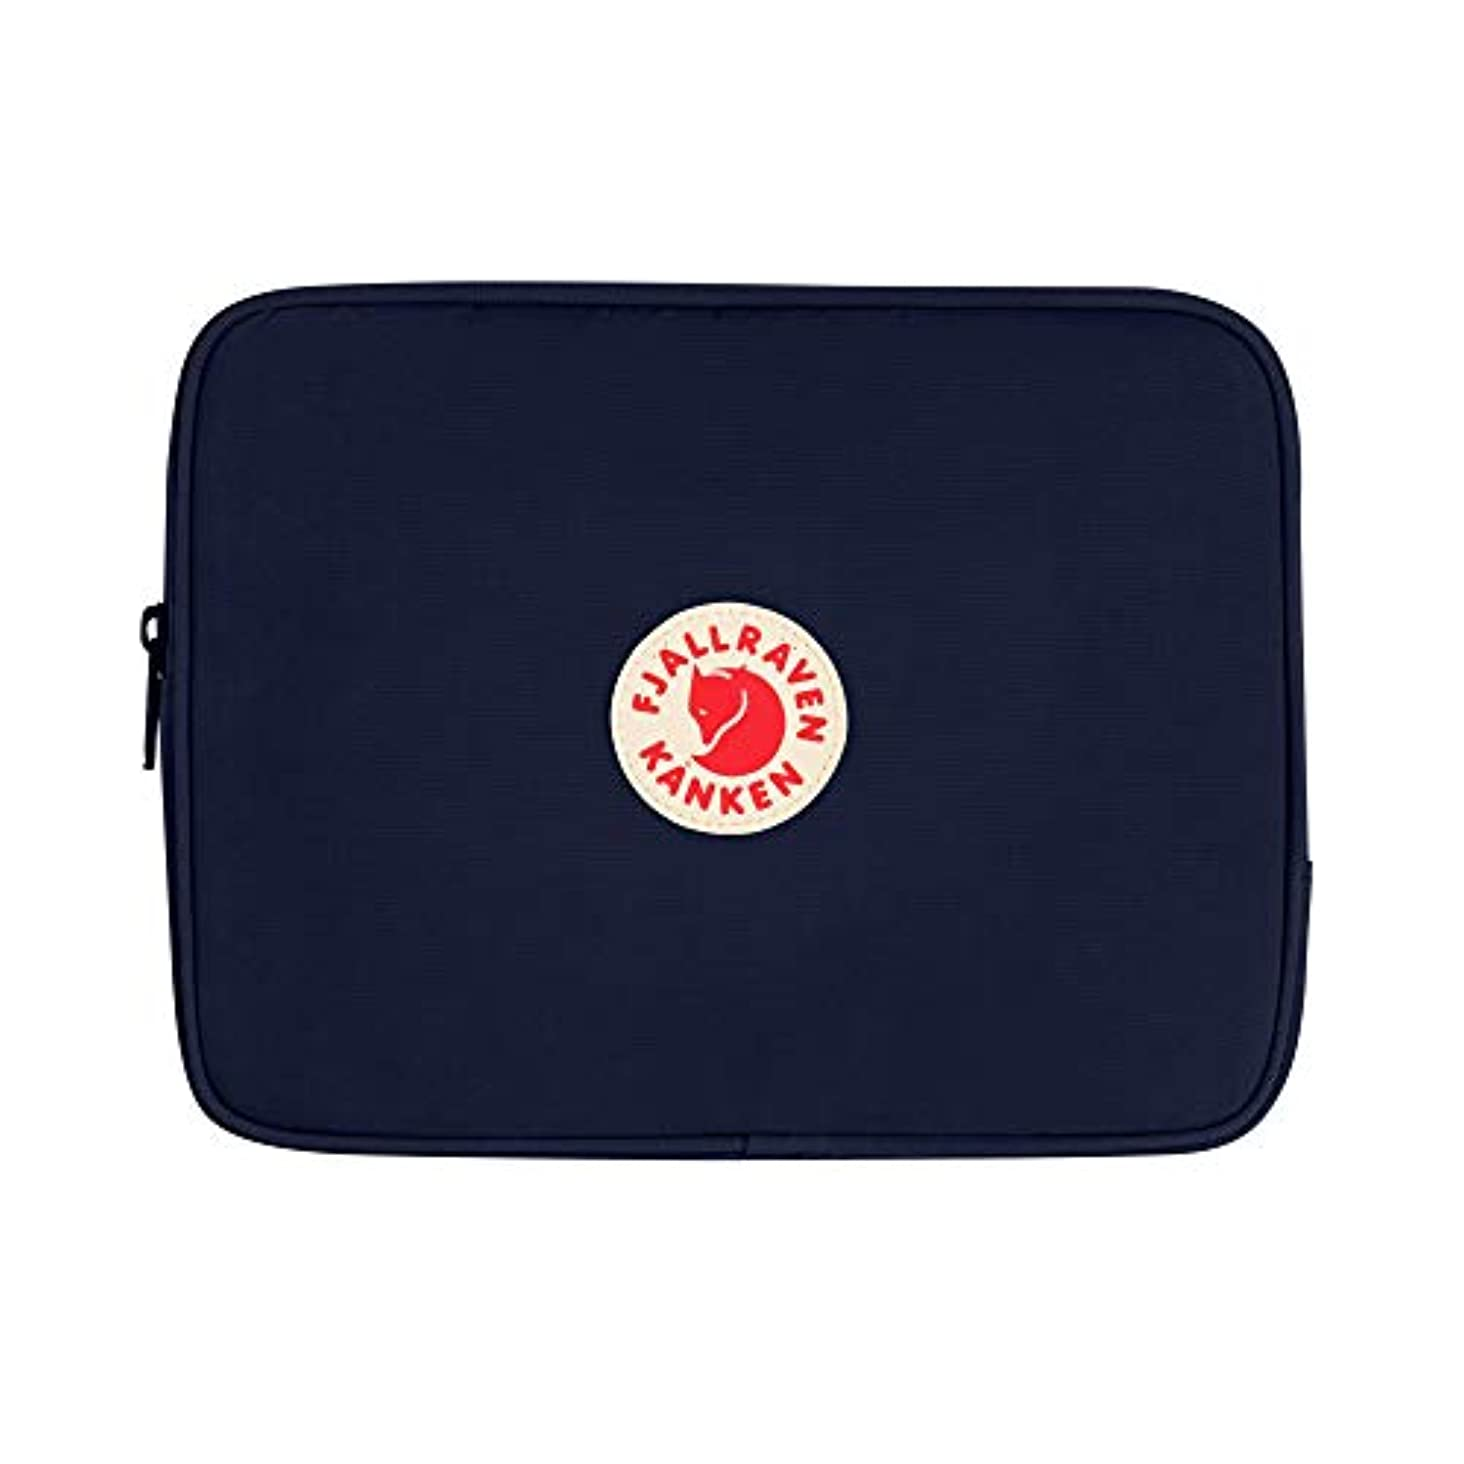 メキシコ販売計画悩む[フェールラーベン] Amazon公式 正規品 モバイルケース タブレットケース G-1000素材使用 Kanken Tablet Case 23788